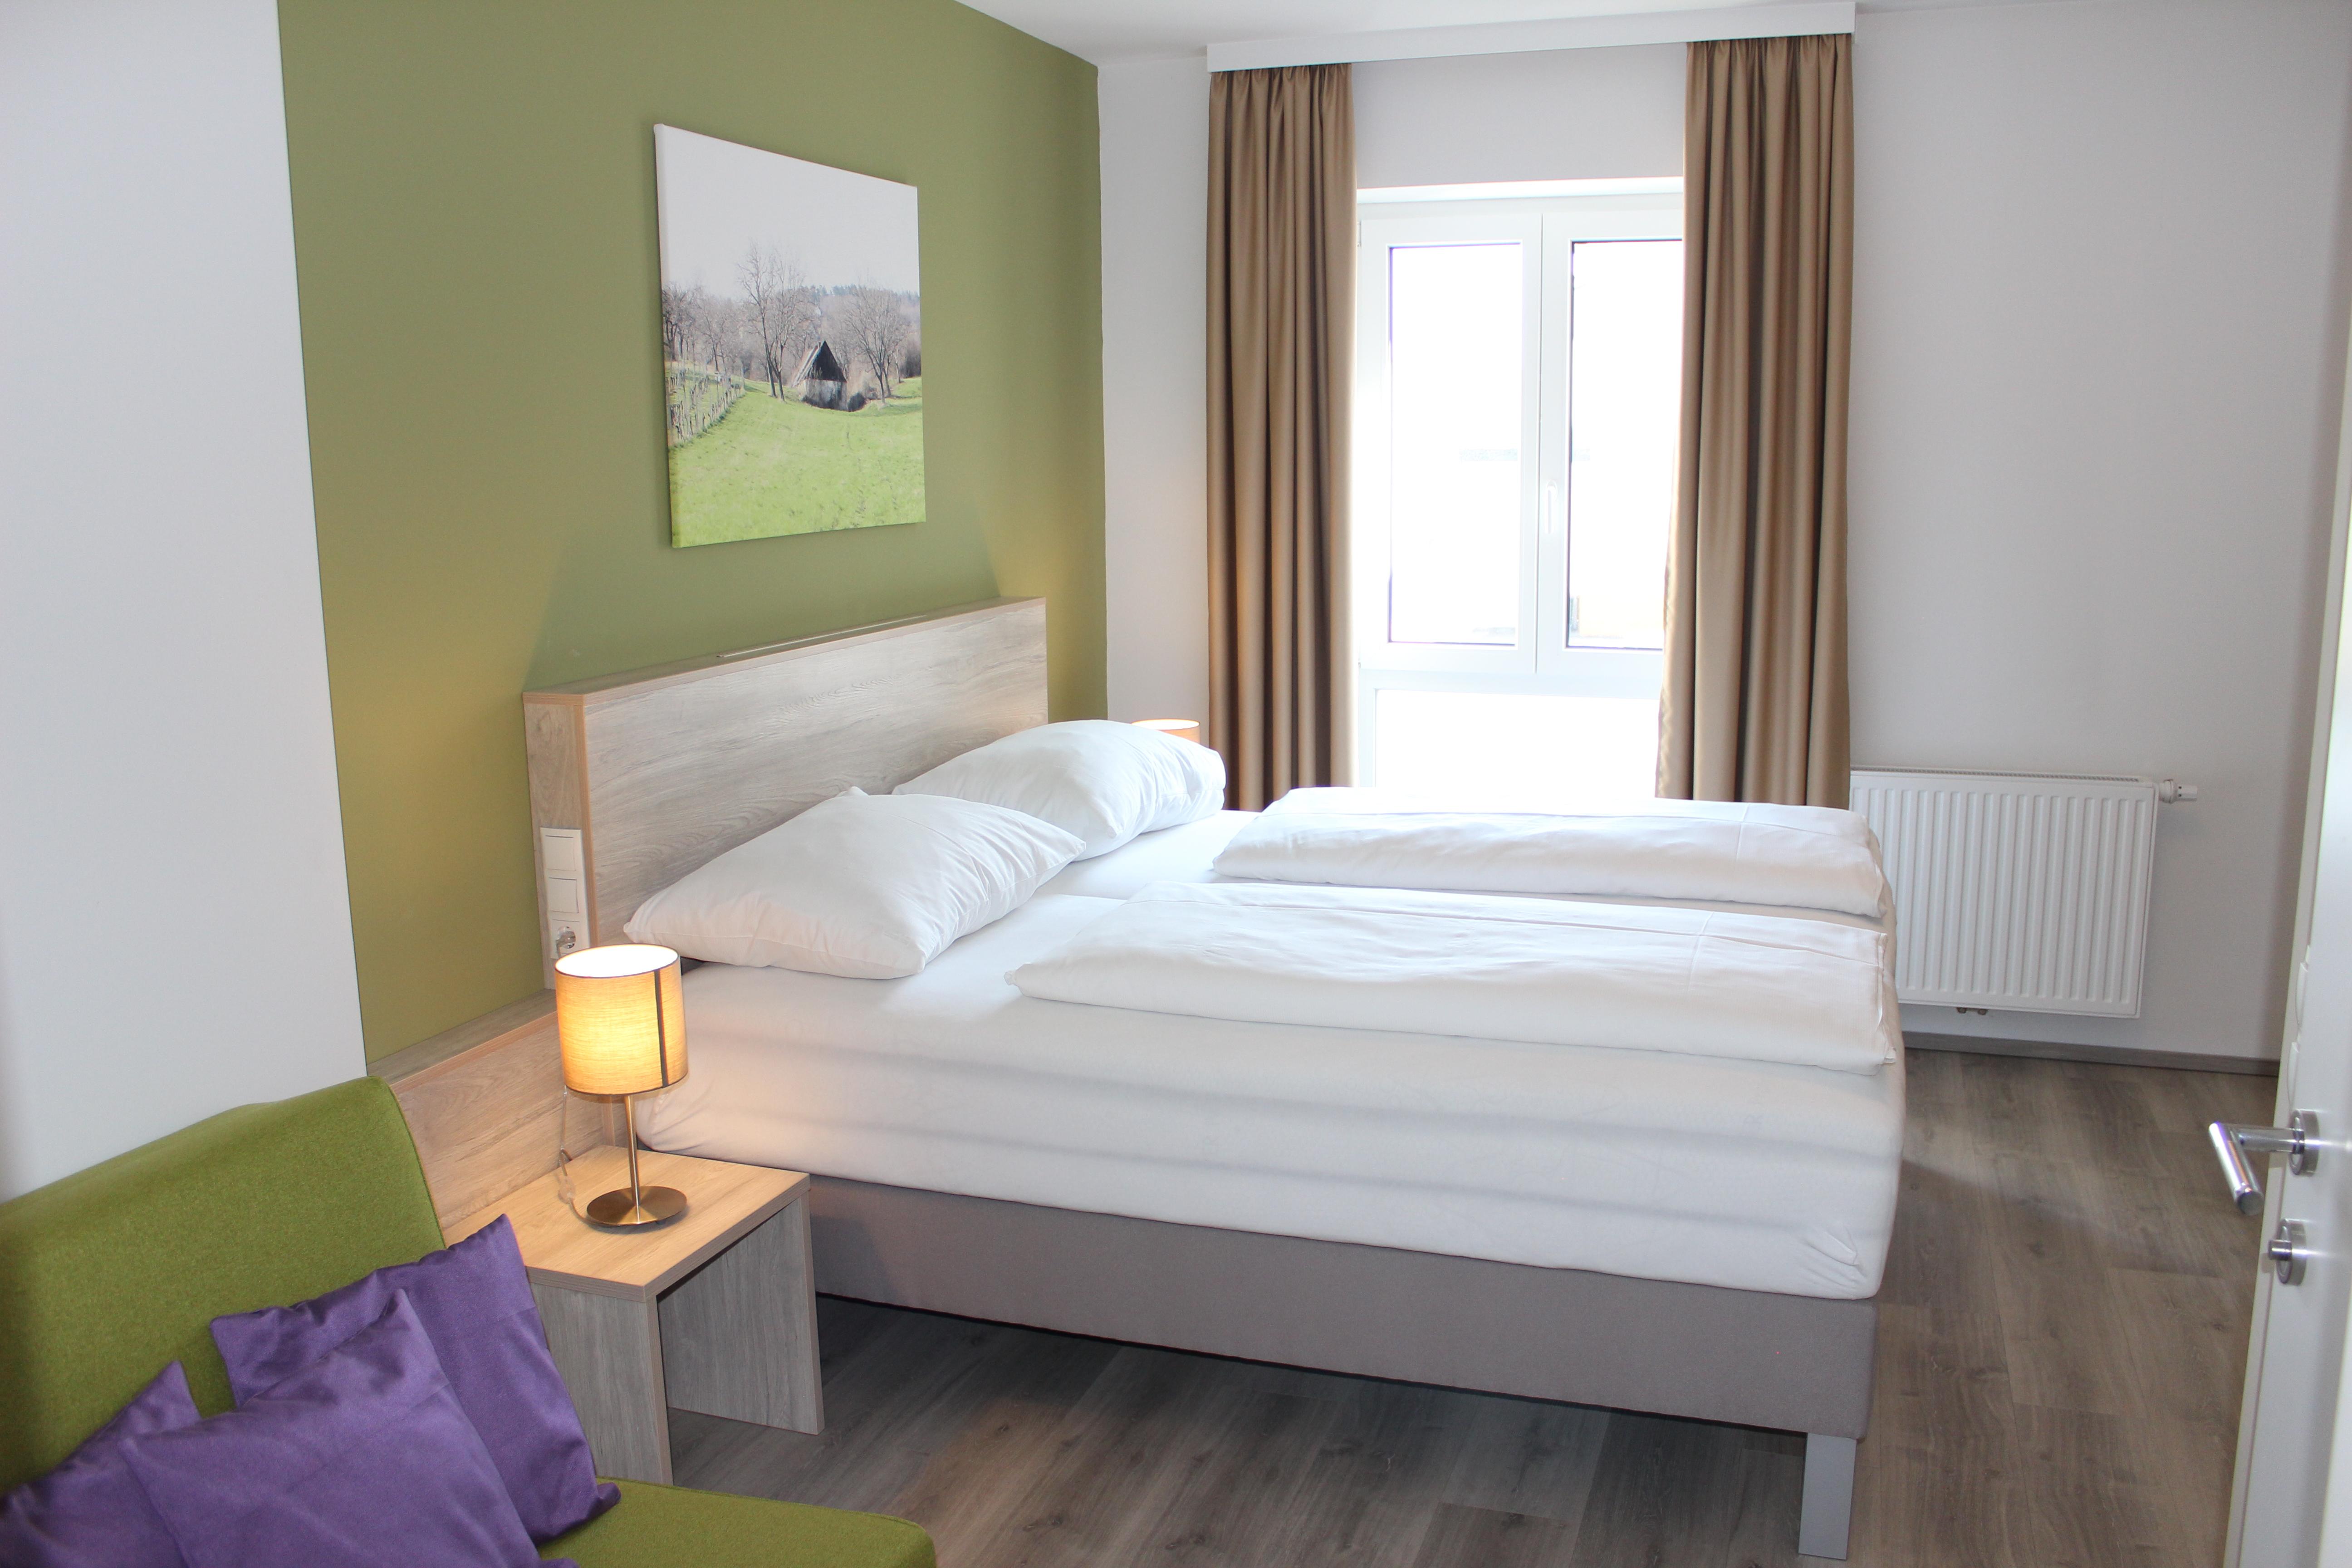 Doppelzimmer mit Doppelbett, grüner Wand und grünem Sessel mit lila Polstern